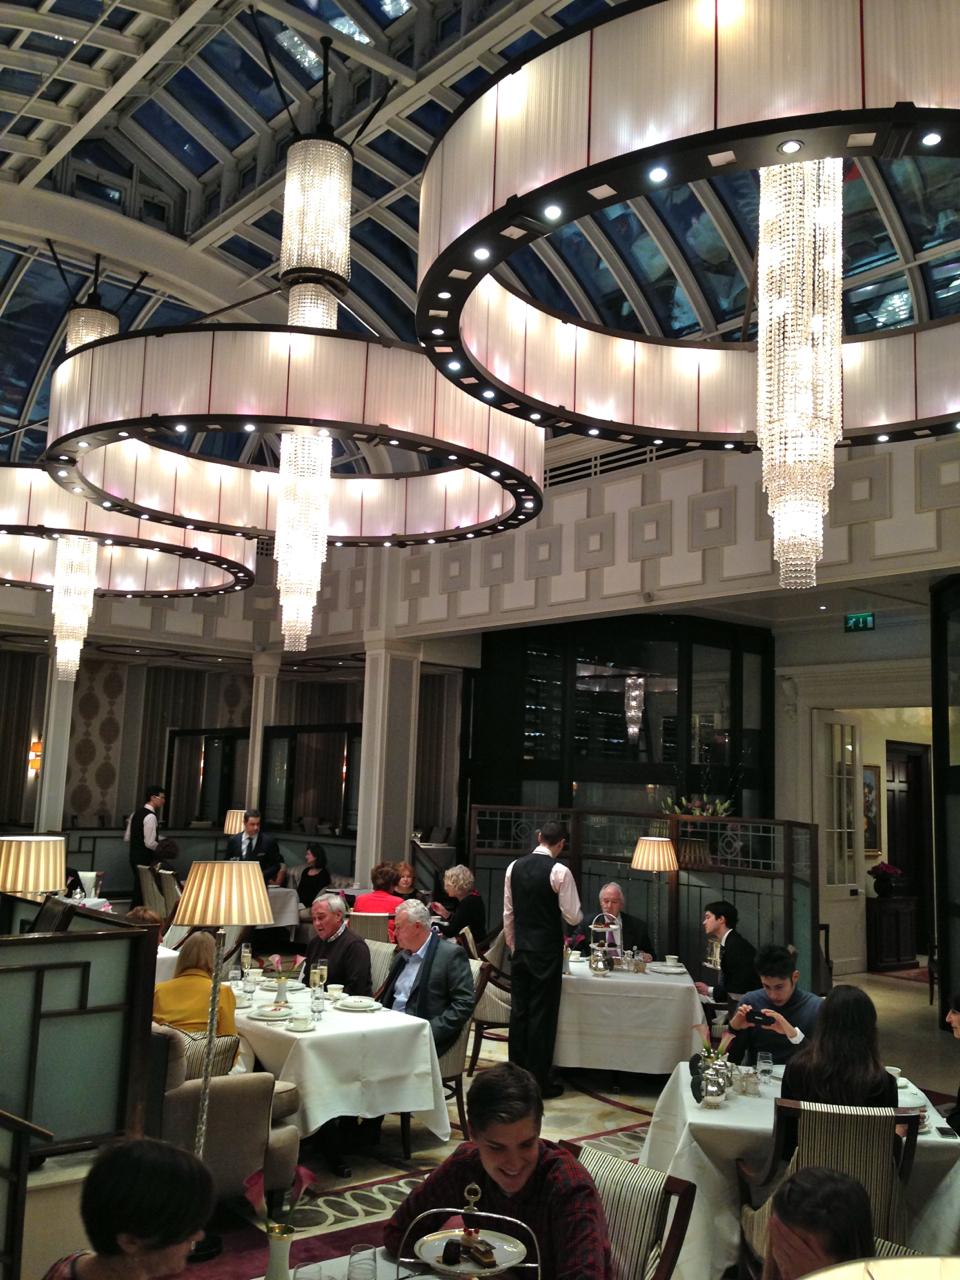 O salão de jantar, e high tea, é magnifico!